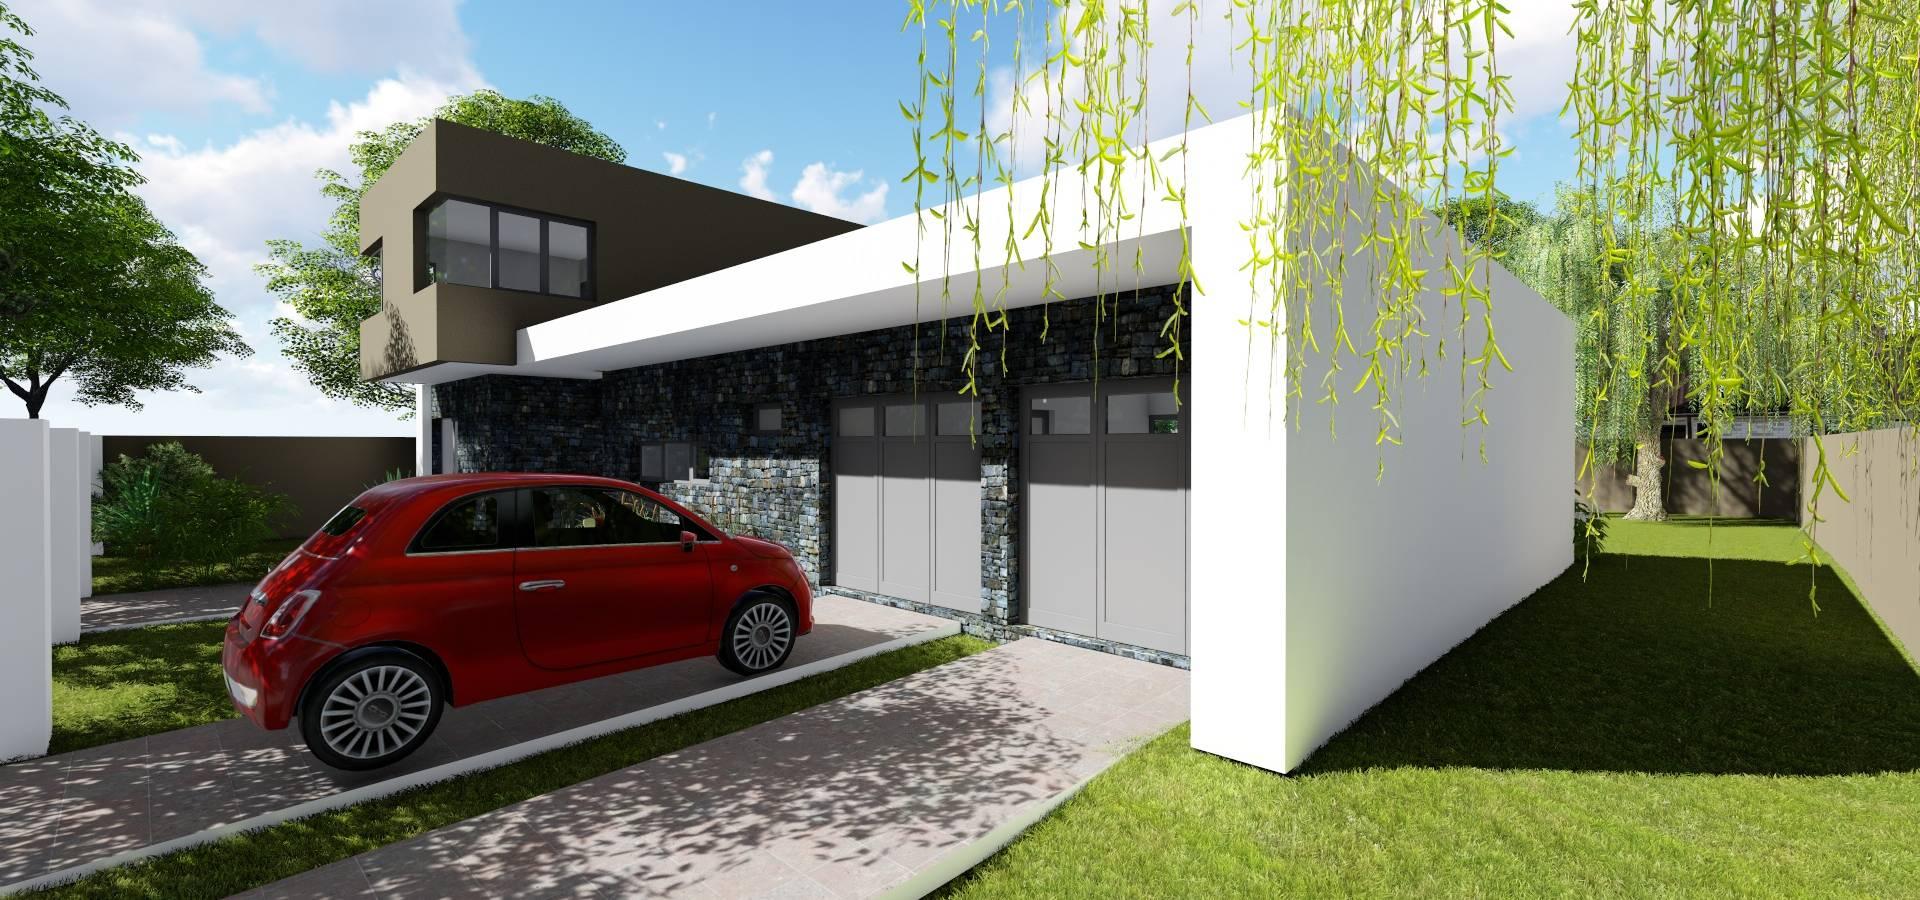 Arquitecto Leandro Puy